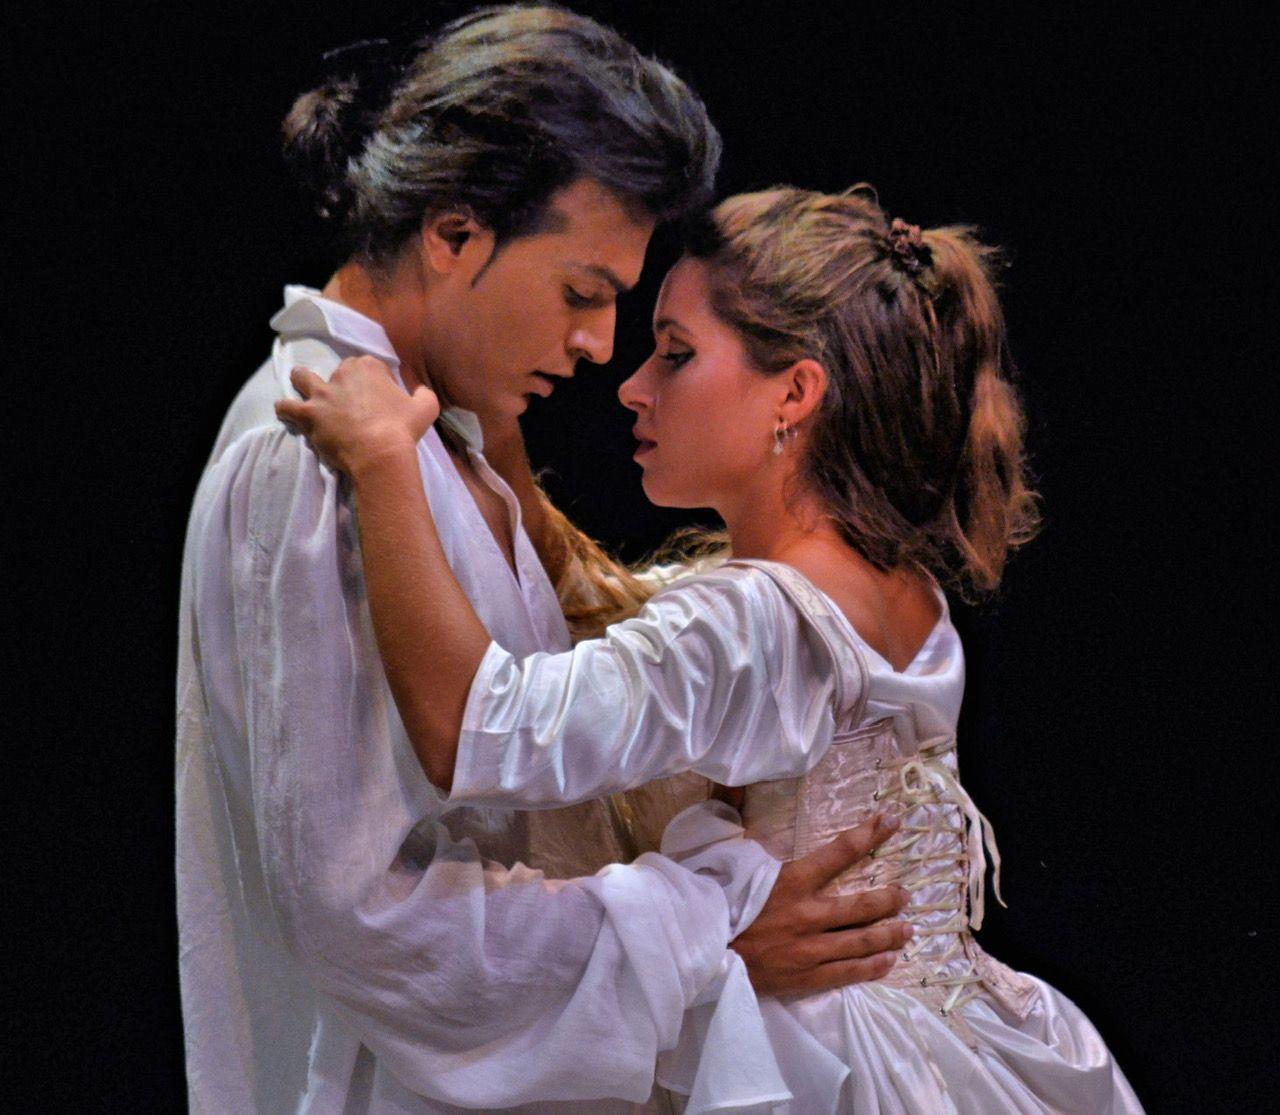 Επικίνδυνες Σχέσεις, από την ομάδα χορού 7ο Βήμα, στο Θέατρο Χώρα